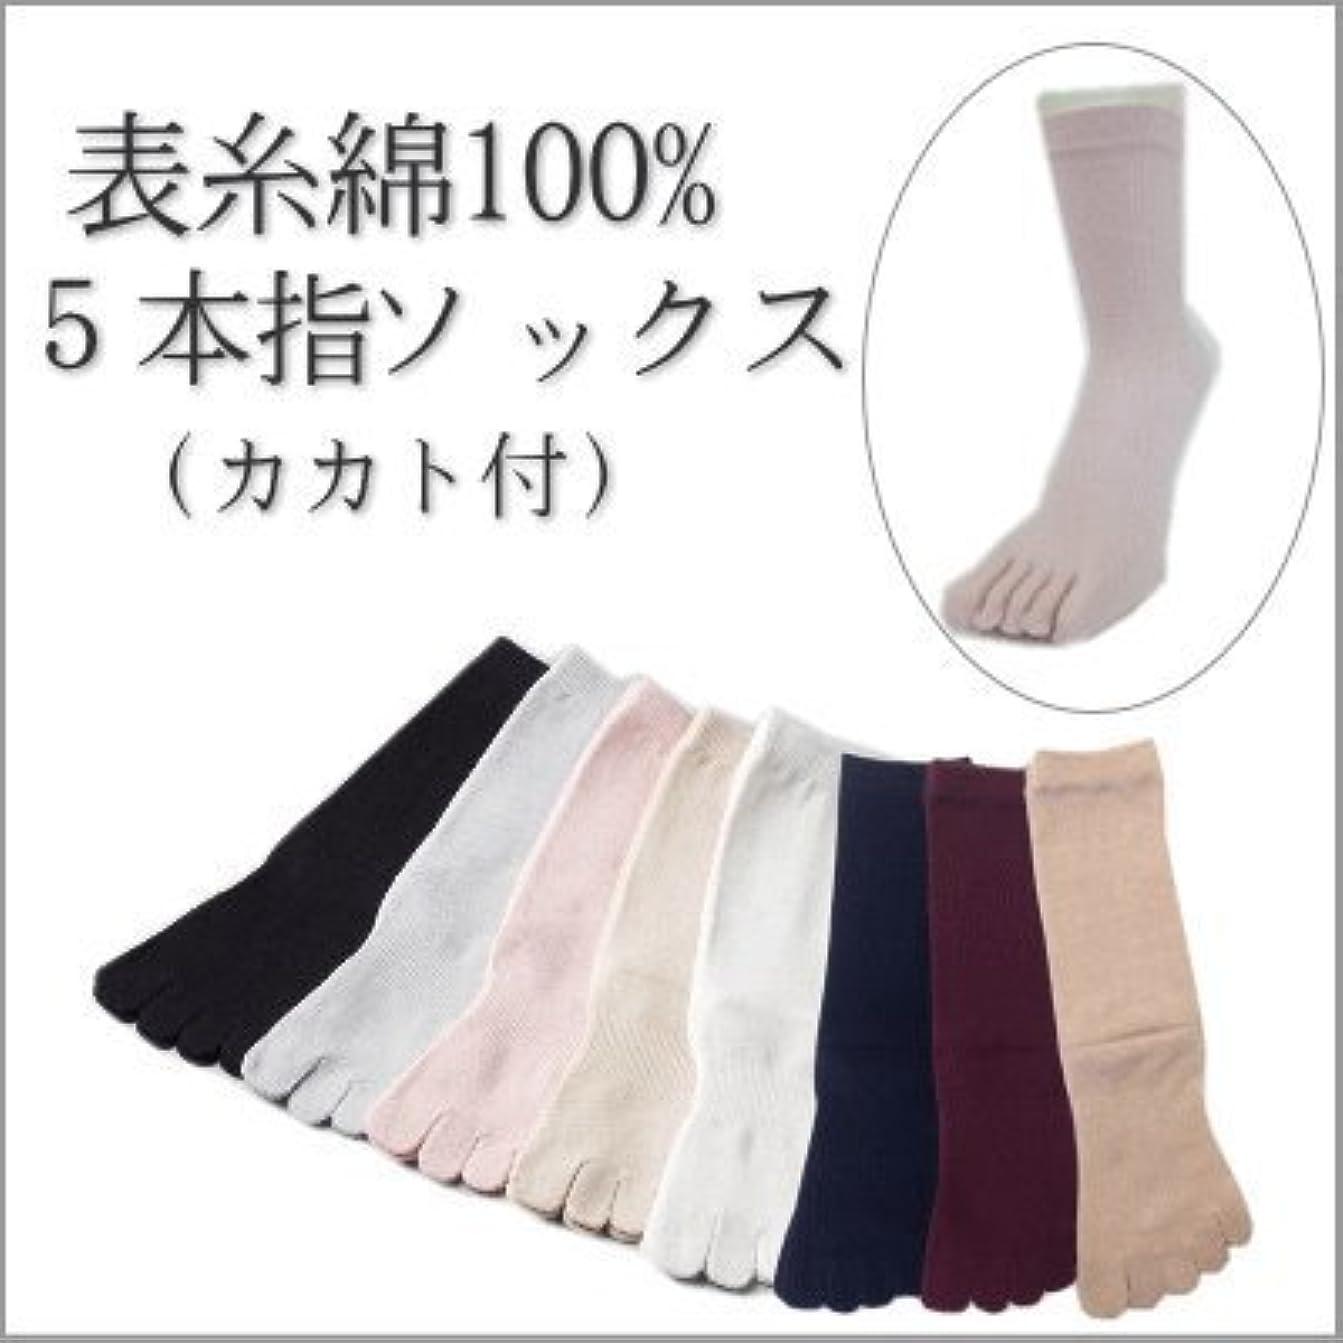 中で道評決女性用 5本指 ソックス 抗菌防臭 加工 綿100%糸使用 老舗 靴下 メーカーのこだわり 23-25cm 太陽ニット 320 (紺)